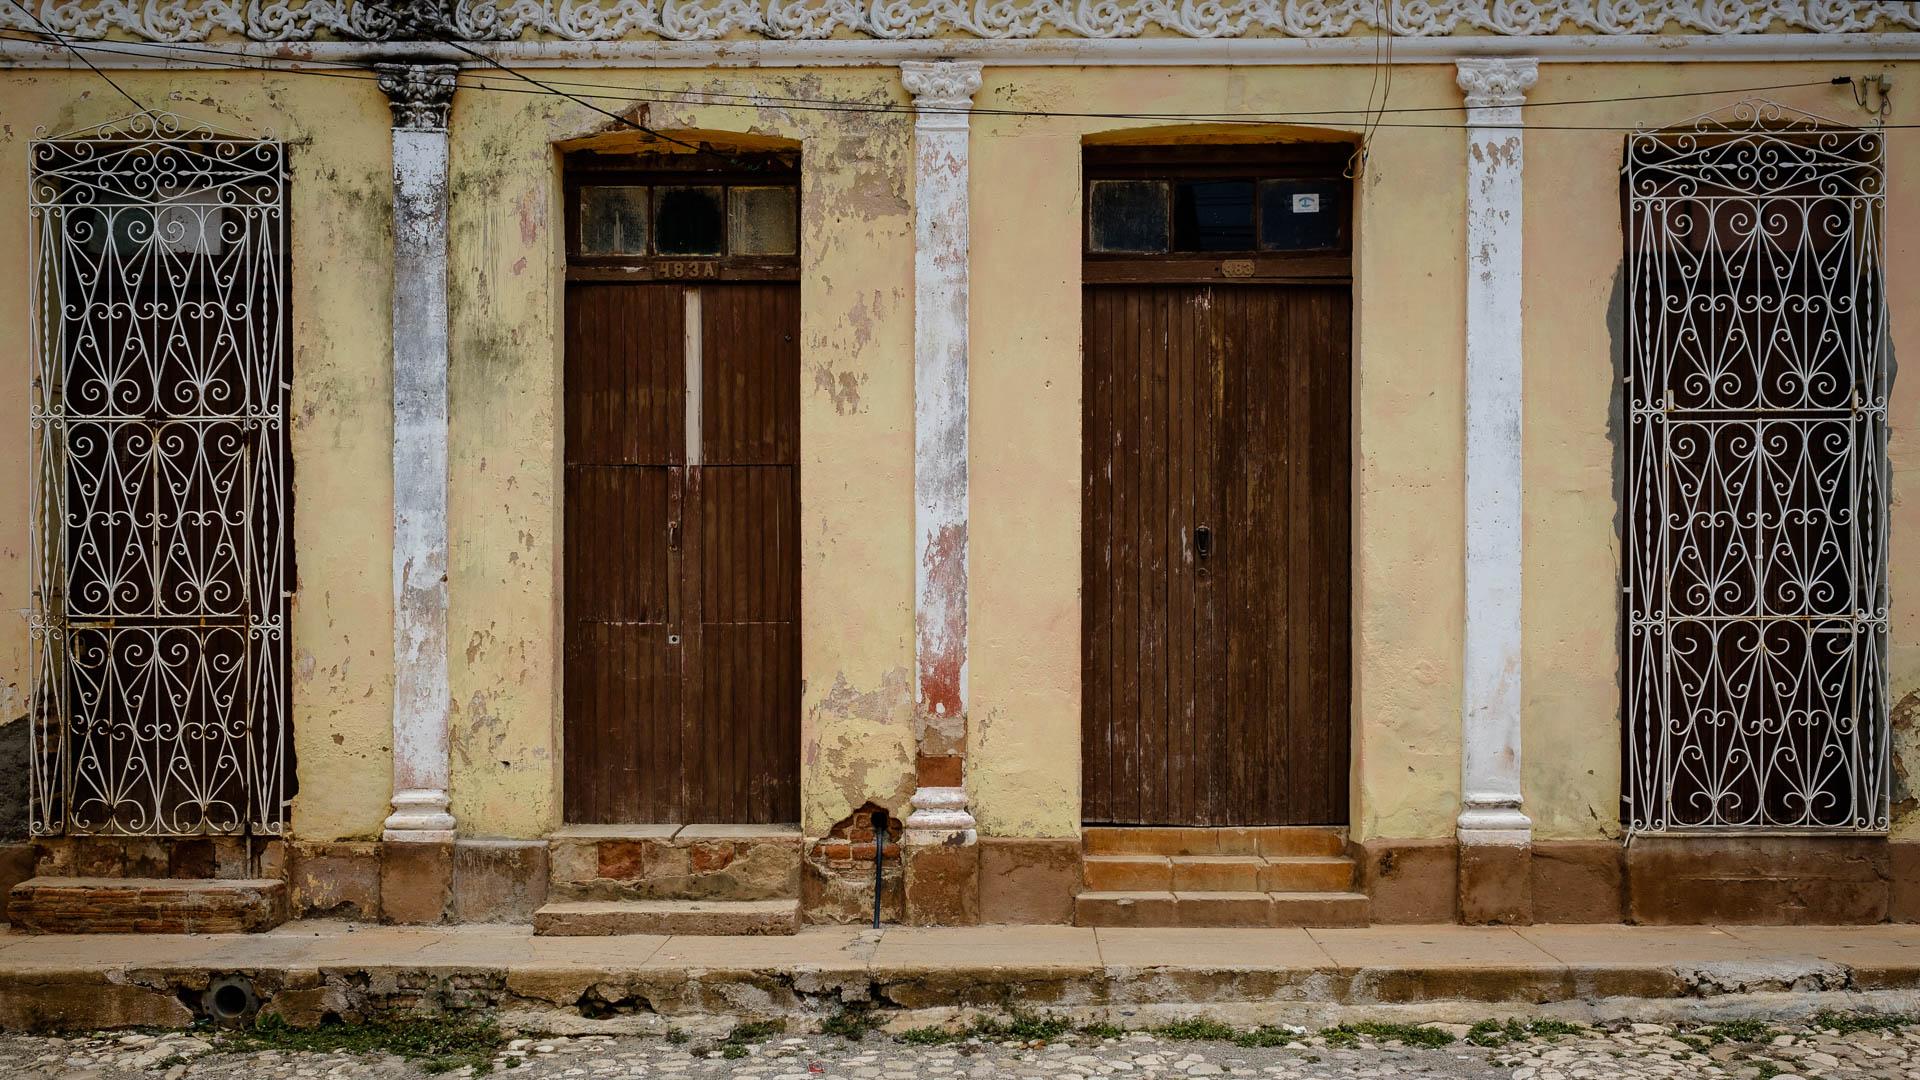 180429-Trinidad-204-1080.jpg